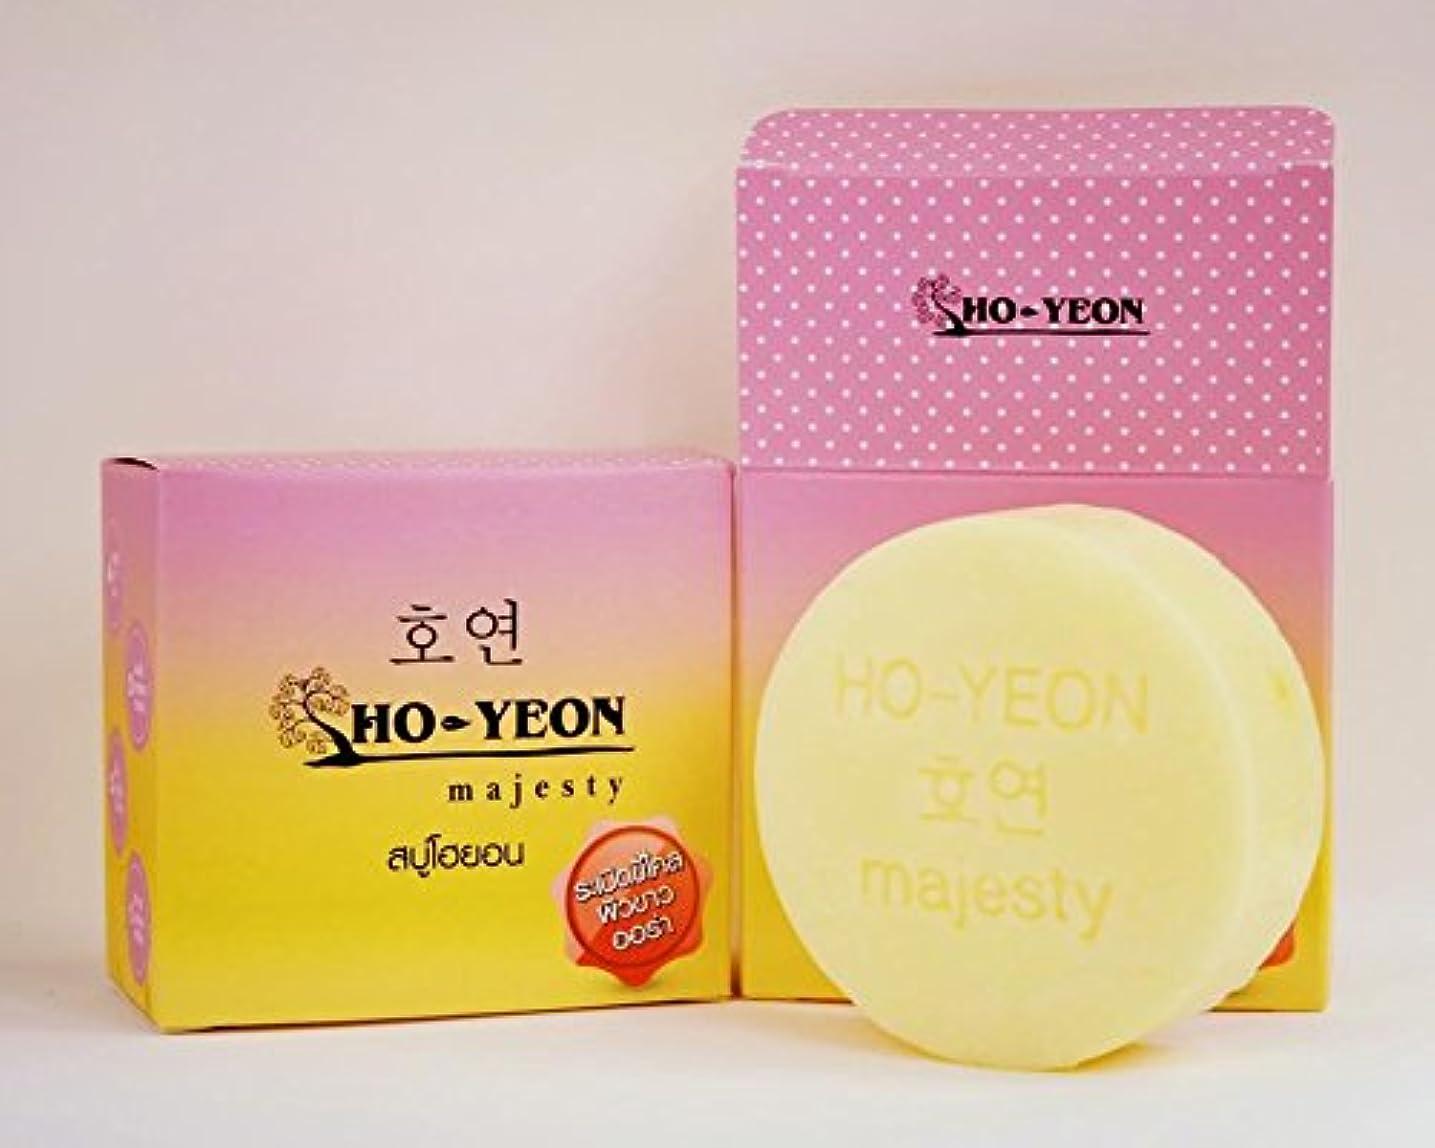 避難毛細血管灌漑1 X Natural Herbal Whitening Soap. Soap Yeon Ho-yeon the HO (80 grams) Free shipping